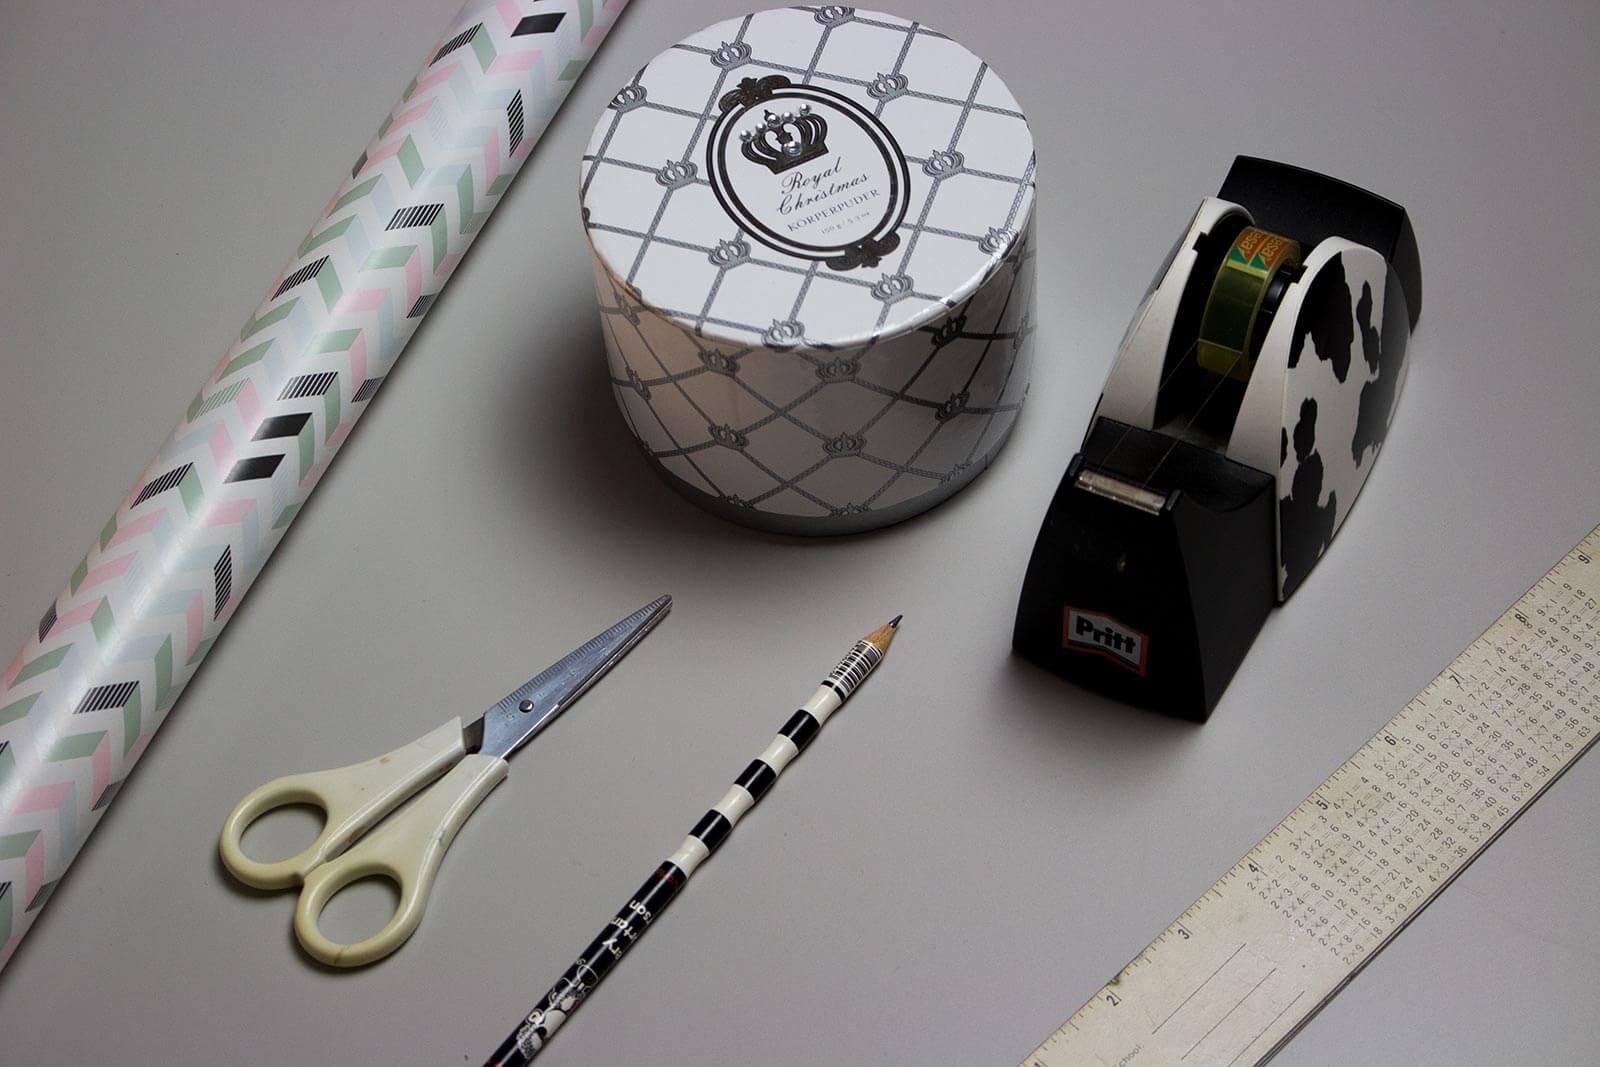 geschenke richtig verpacken rund quadratisch und flaschenf rmig. Black Bedroom Furniture Sets. Home Design Ideas